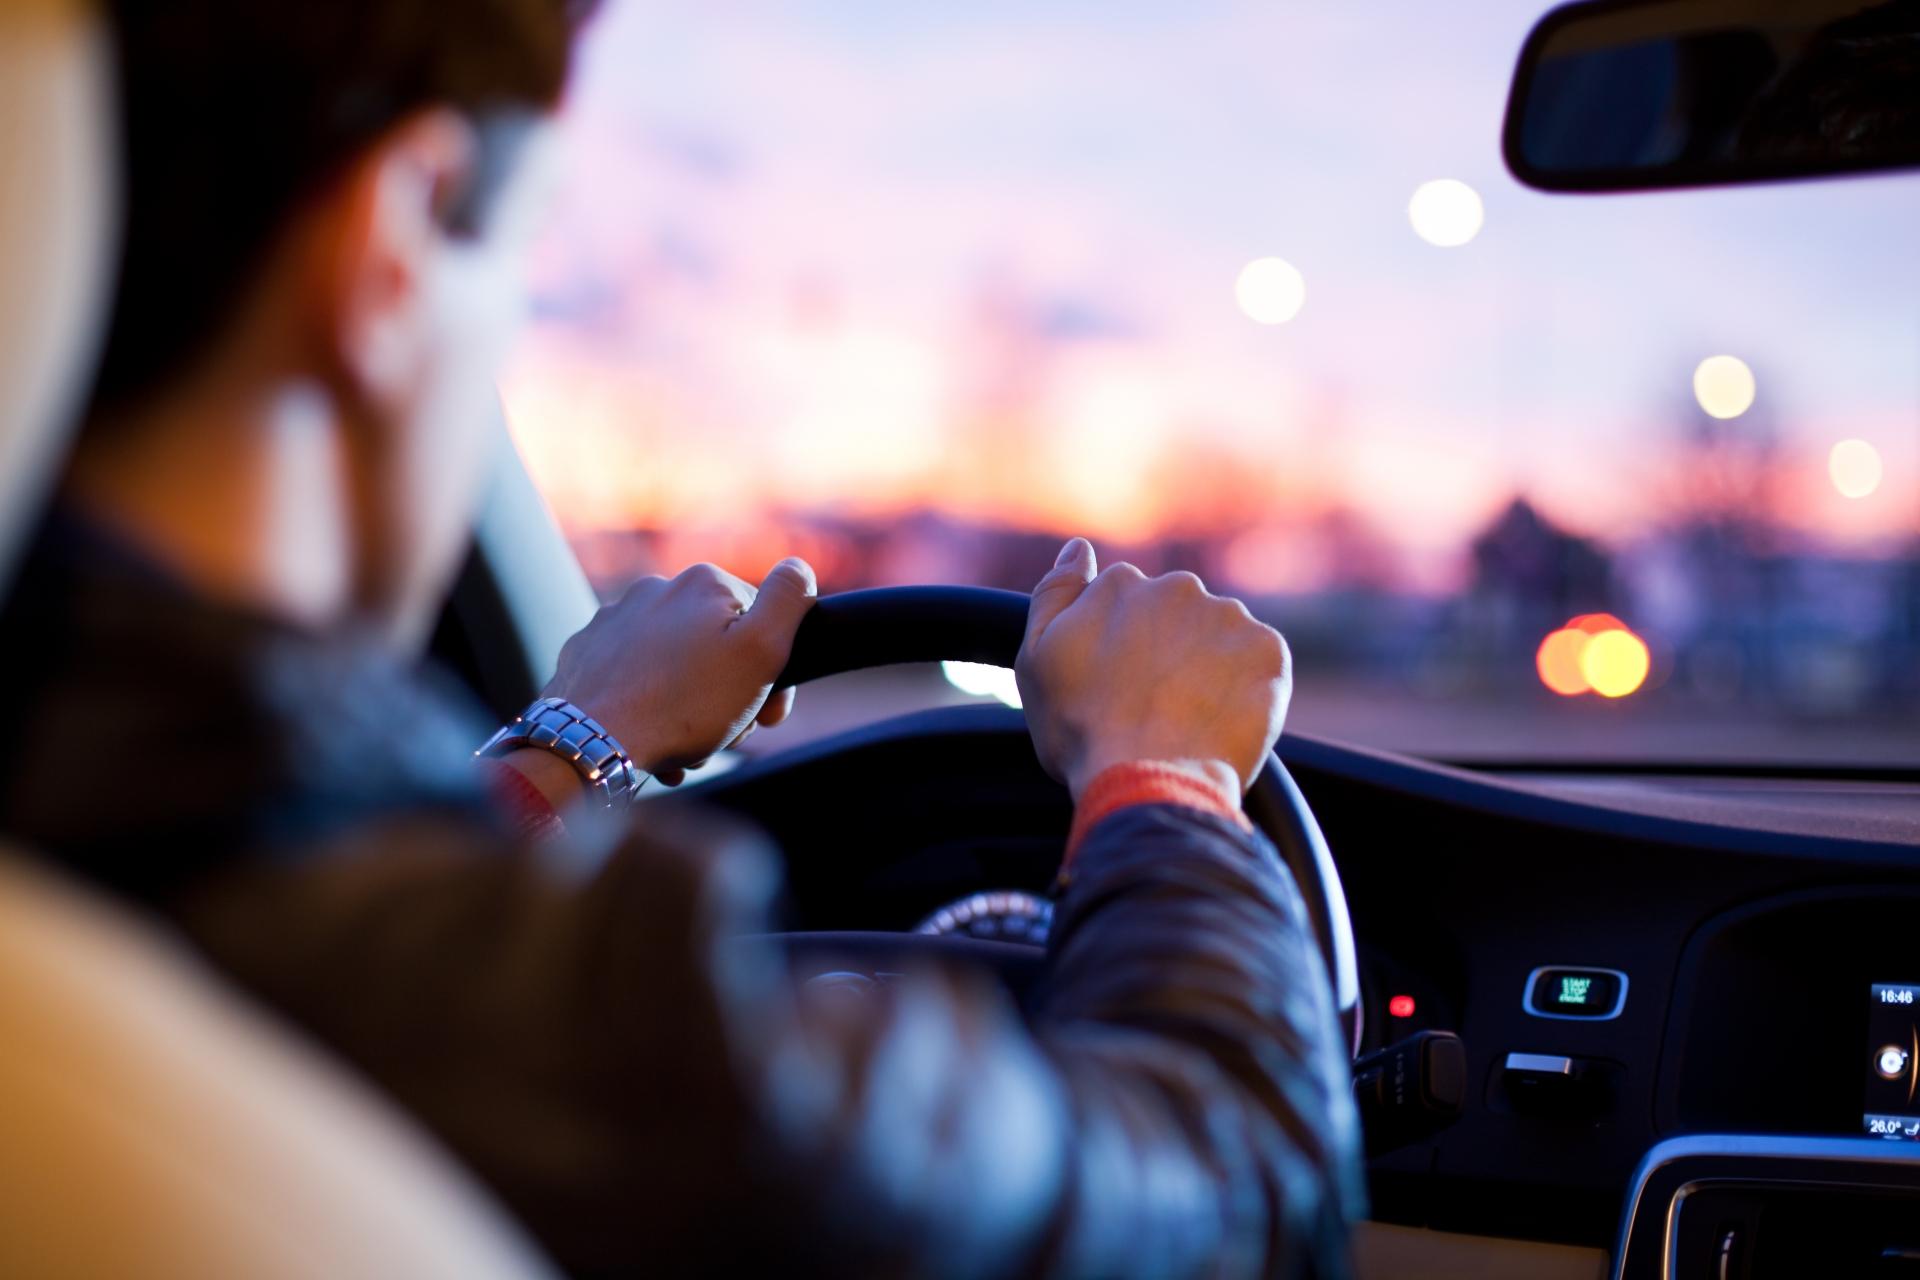 Dicas - Como fazer indicação de motorista? - Recorra Aqui Blog